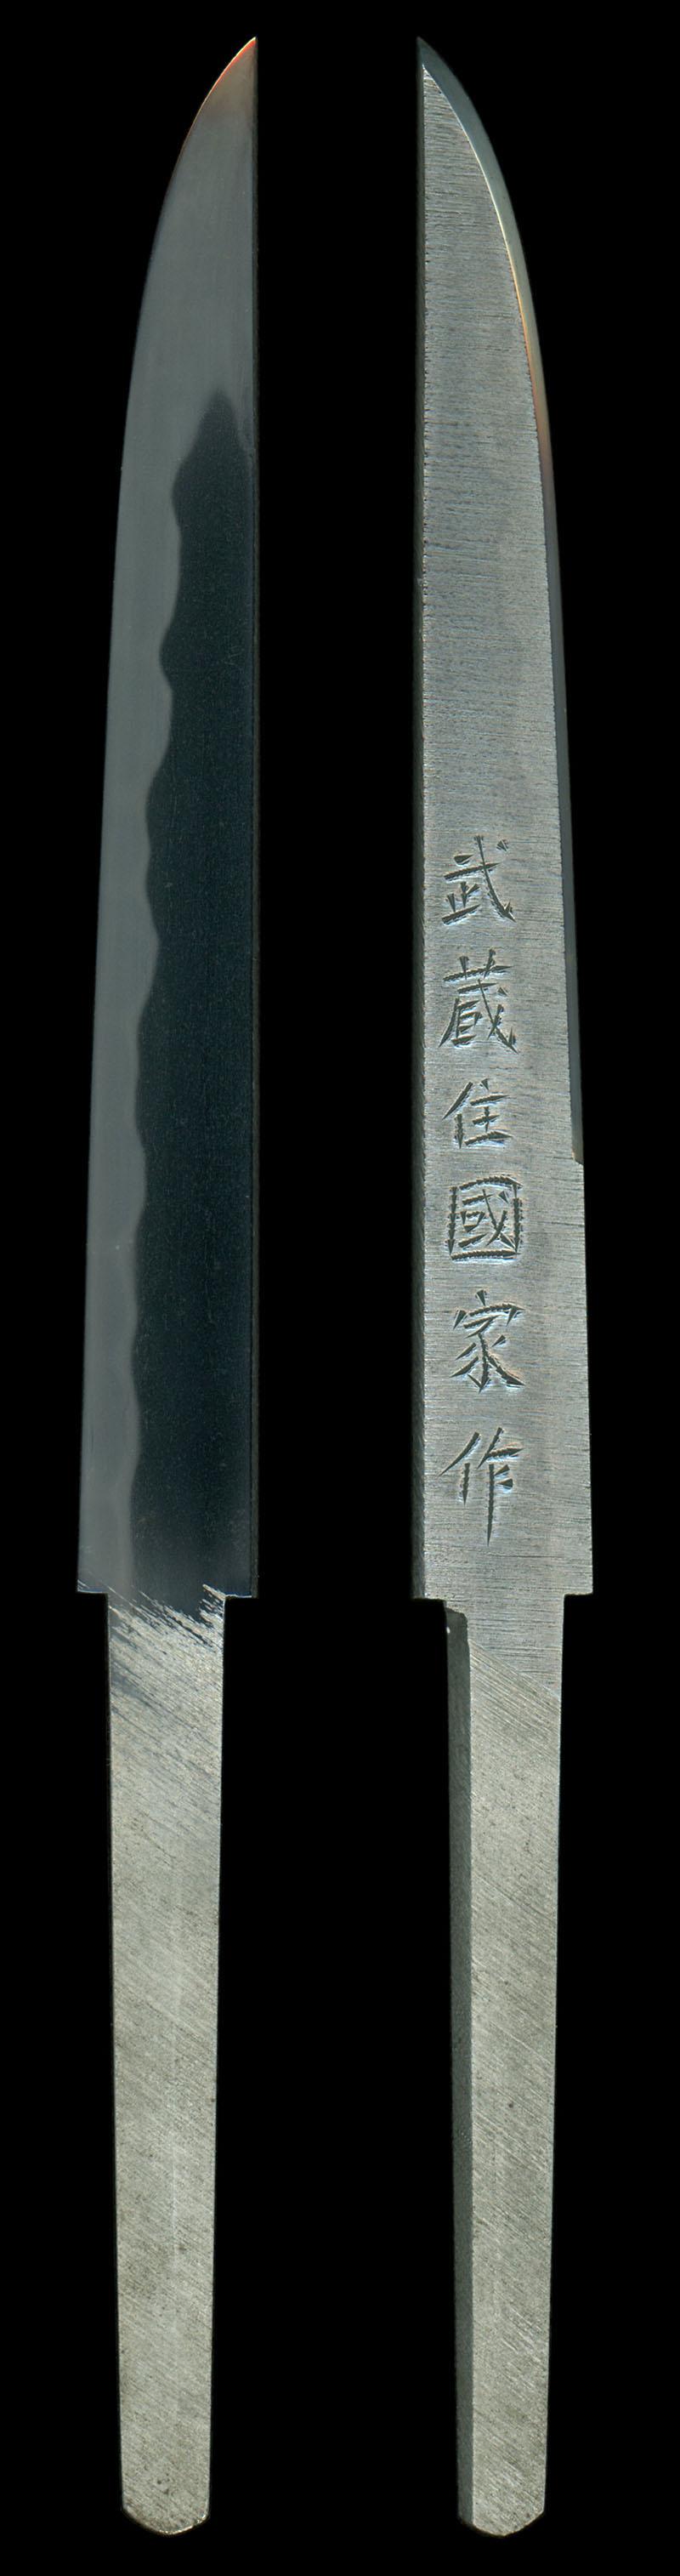 小刀 武蔵住国家作(吉原荘二)(無監査刀匠)Picture of whole